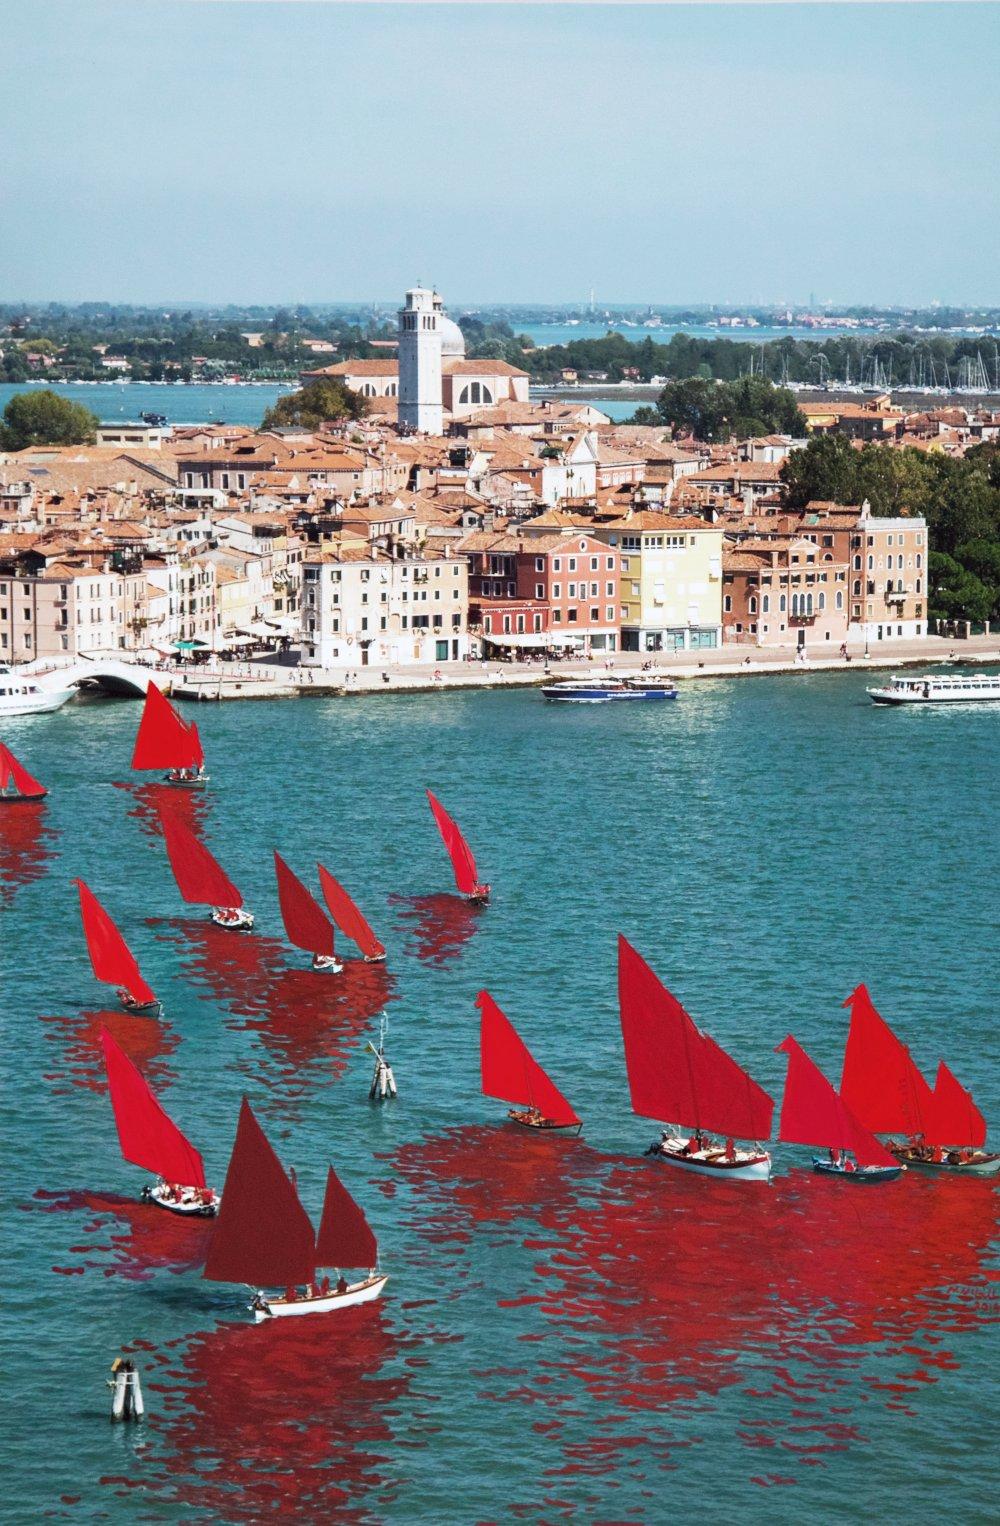 Red Regatta (Coppa del Presidente della Repubblica, Bacino San Marco)